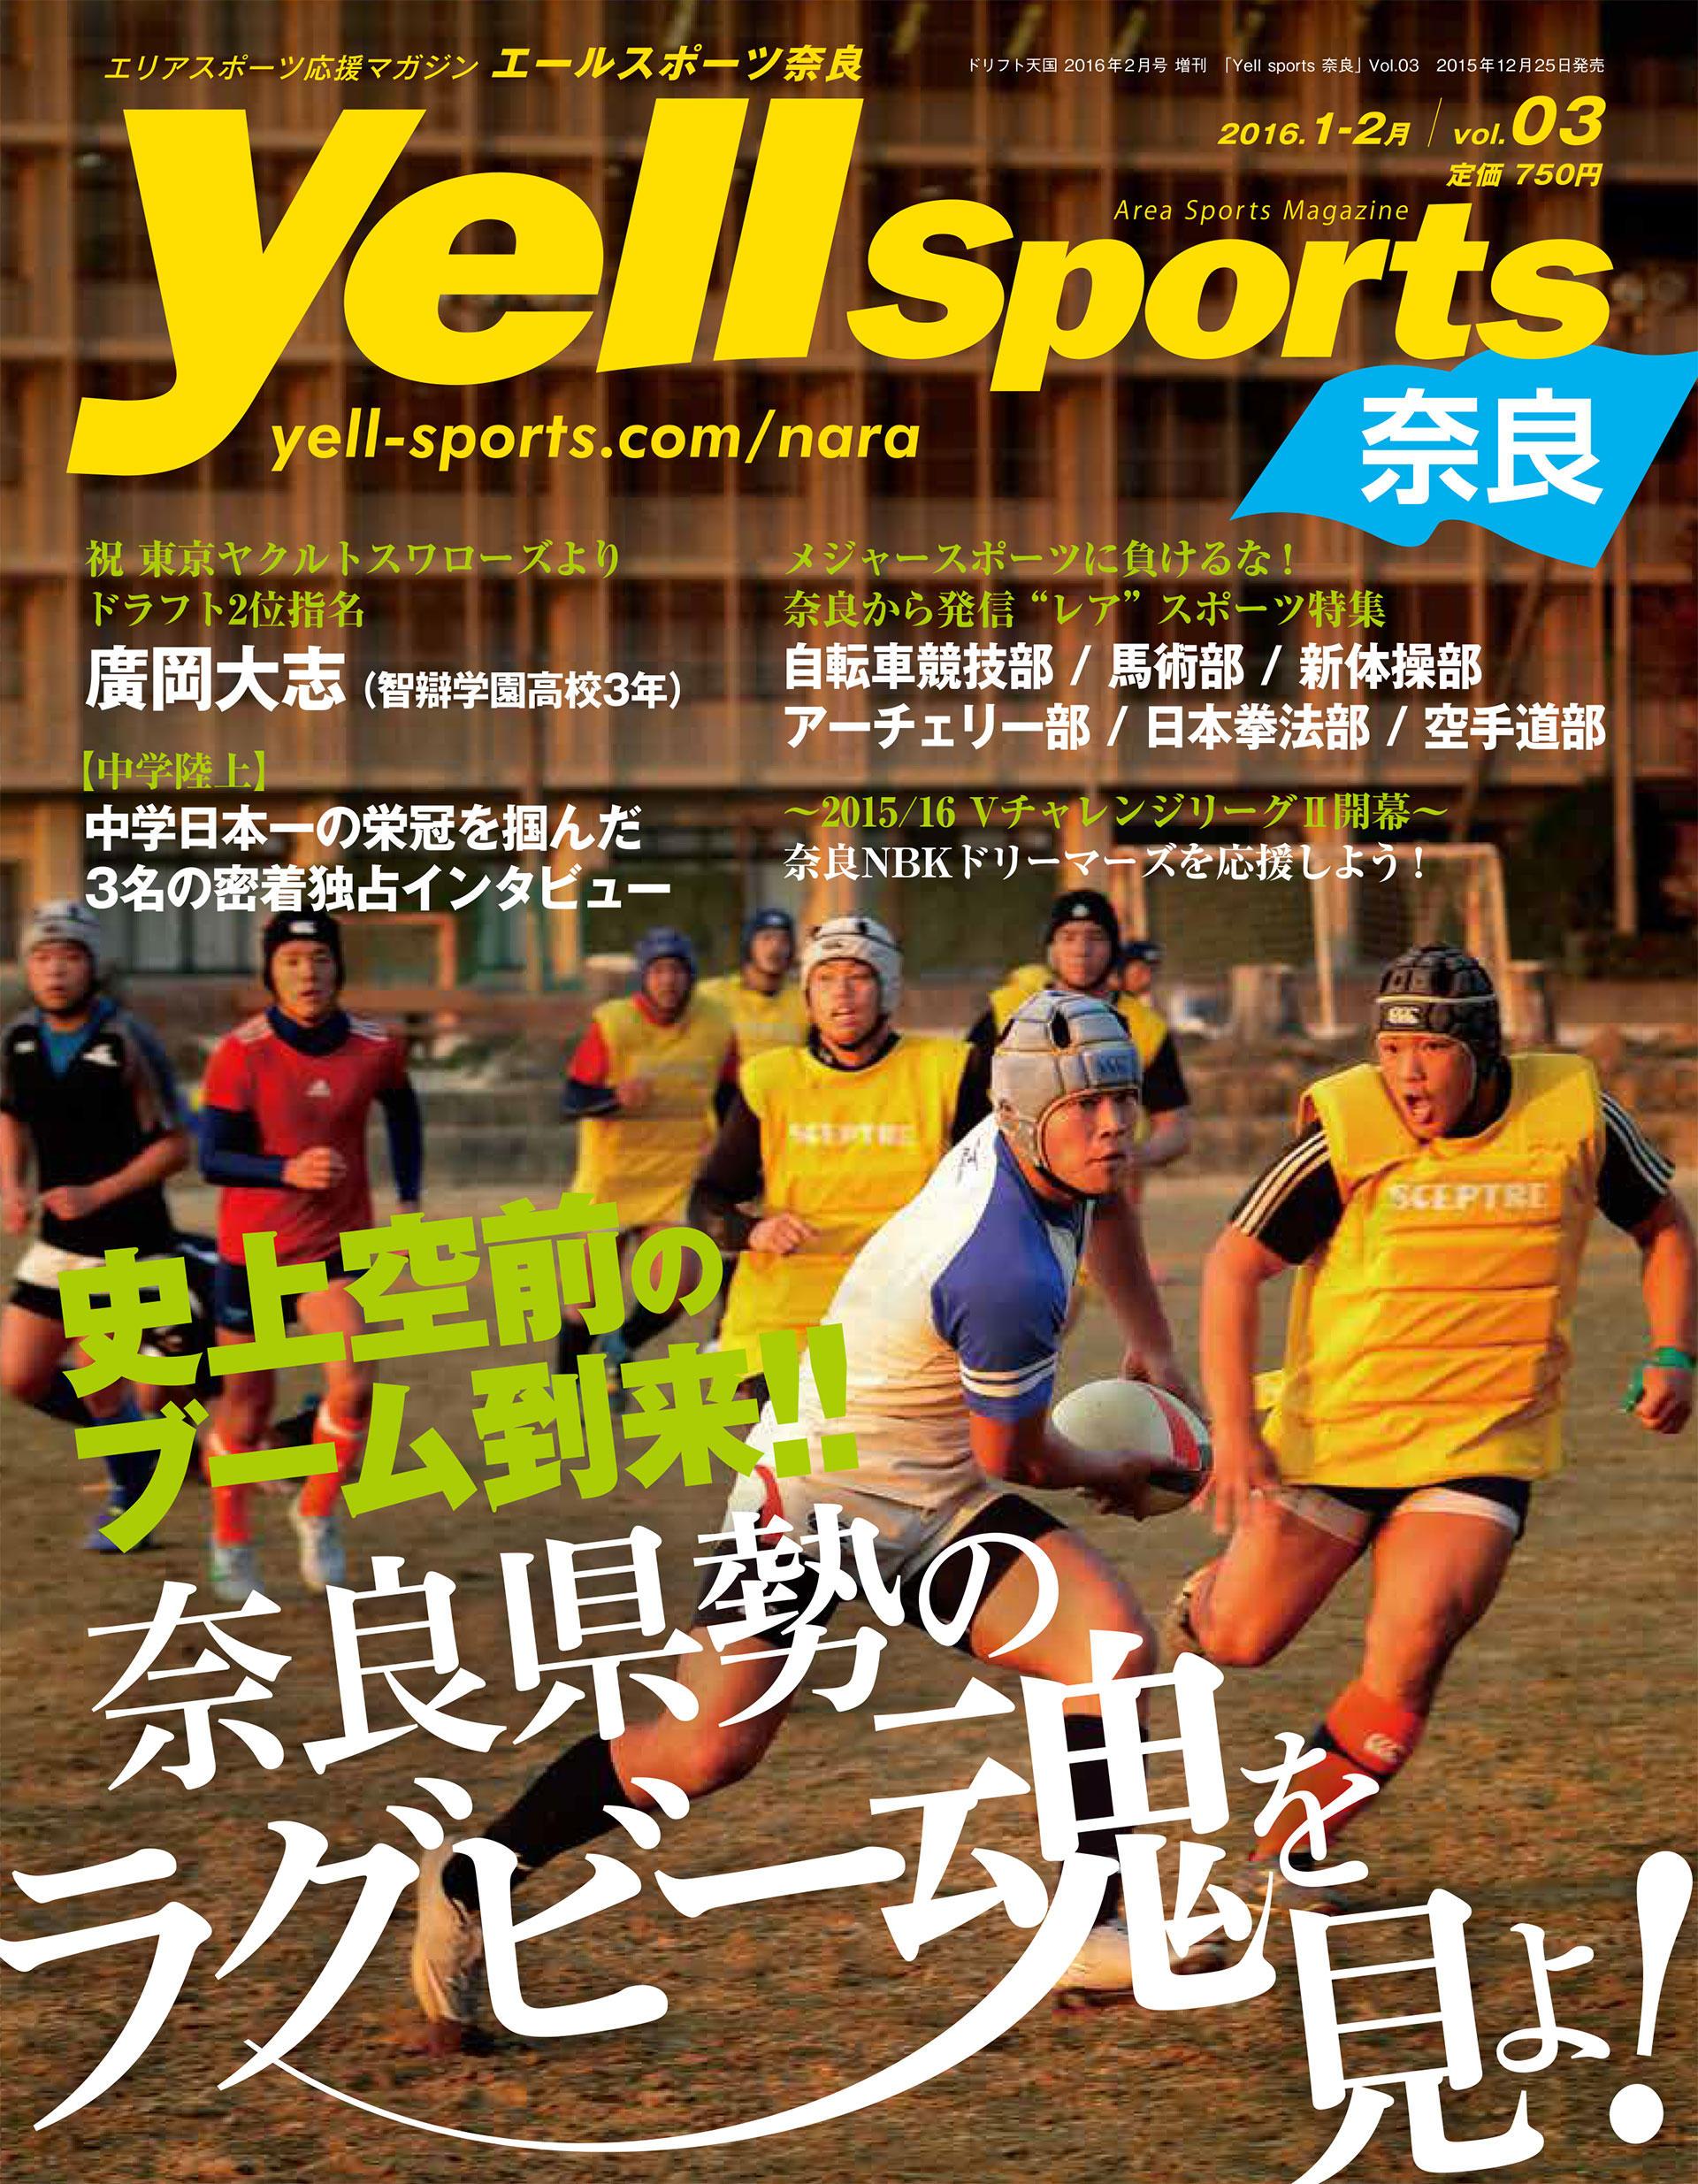 http://yell-sports.com/nara/article/2016/ysn03_H1.jpg